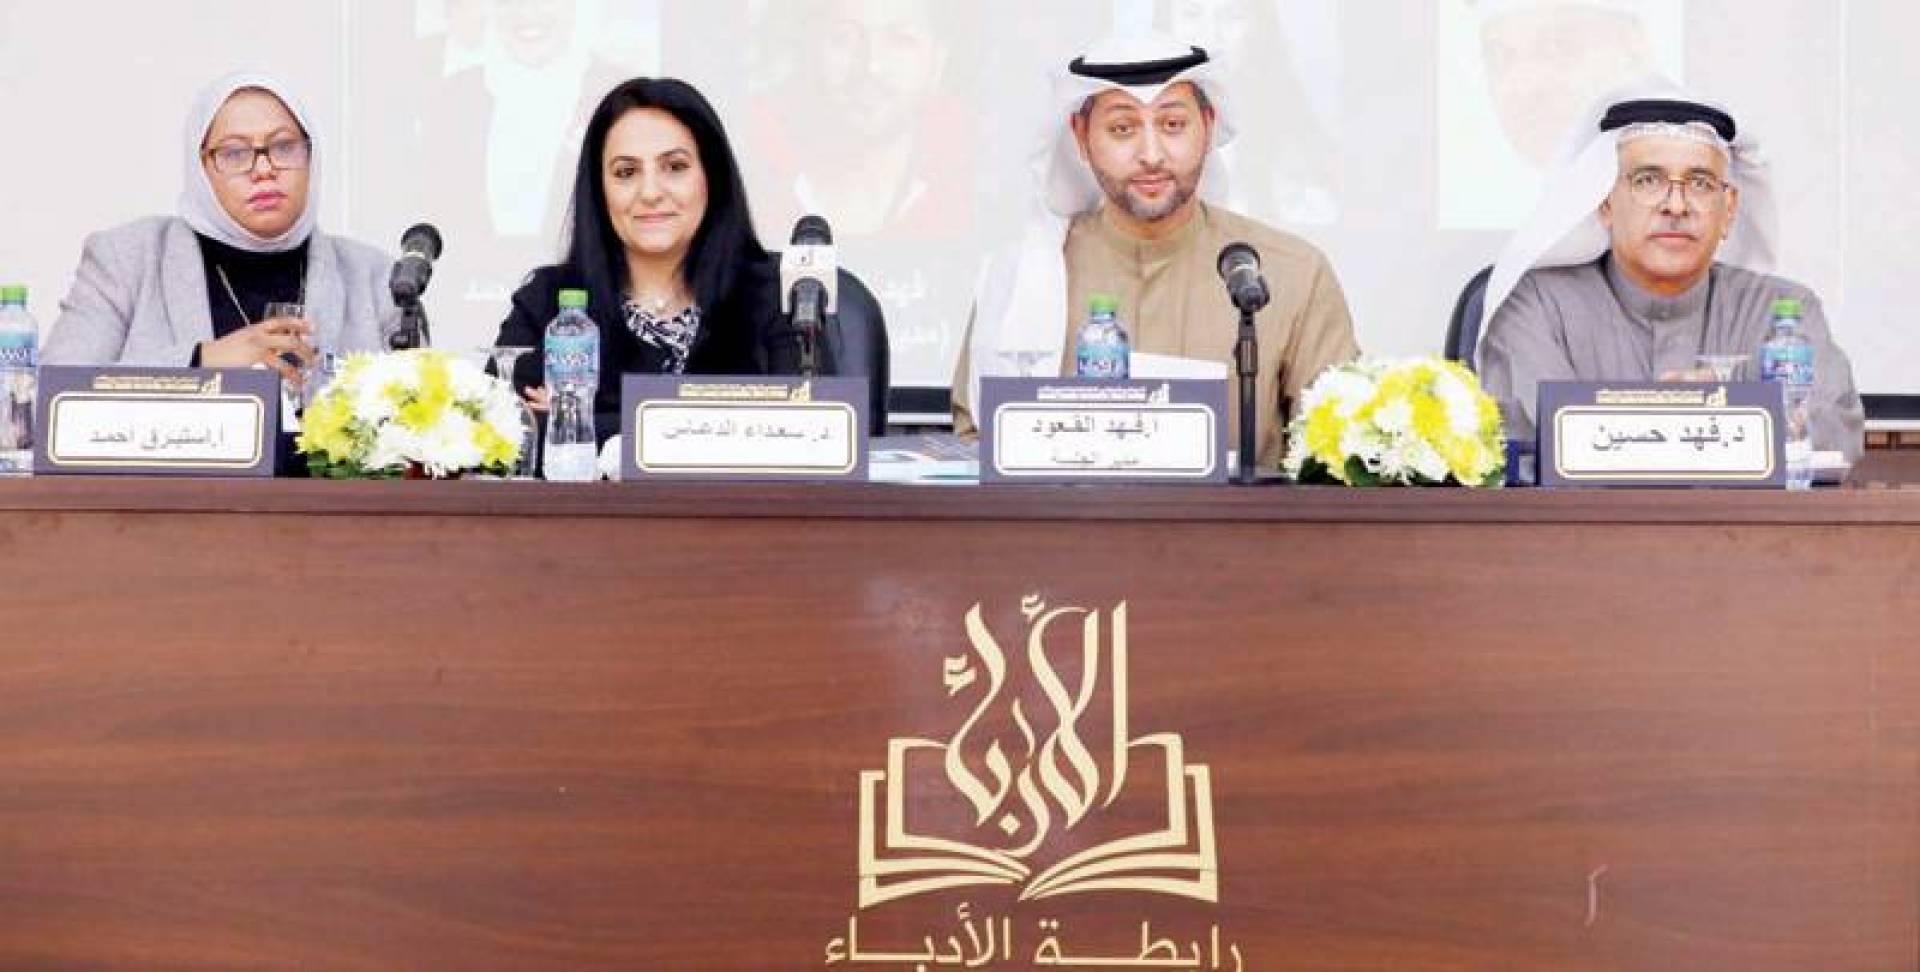 فهد حسين وفهد القعود وسعداء الدعاس وإستبرق أحمد